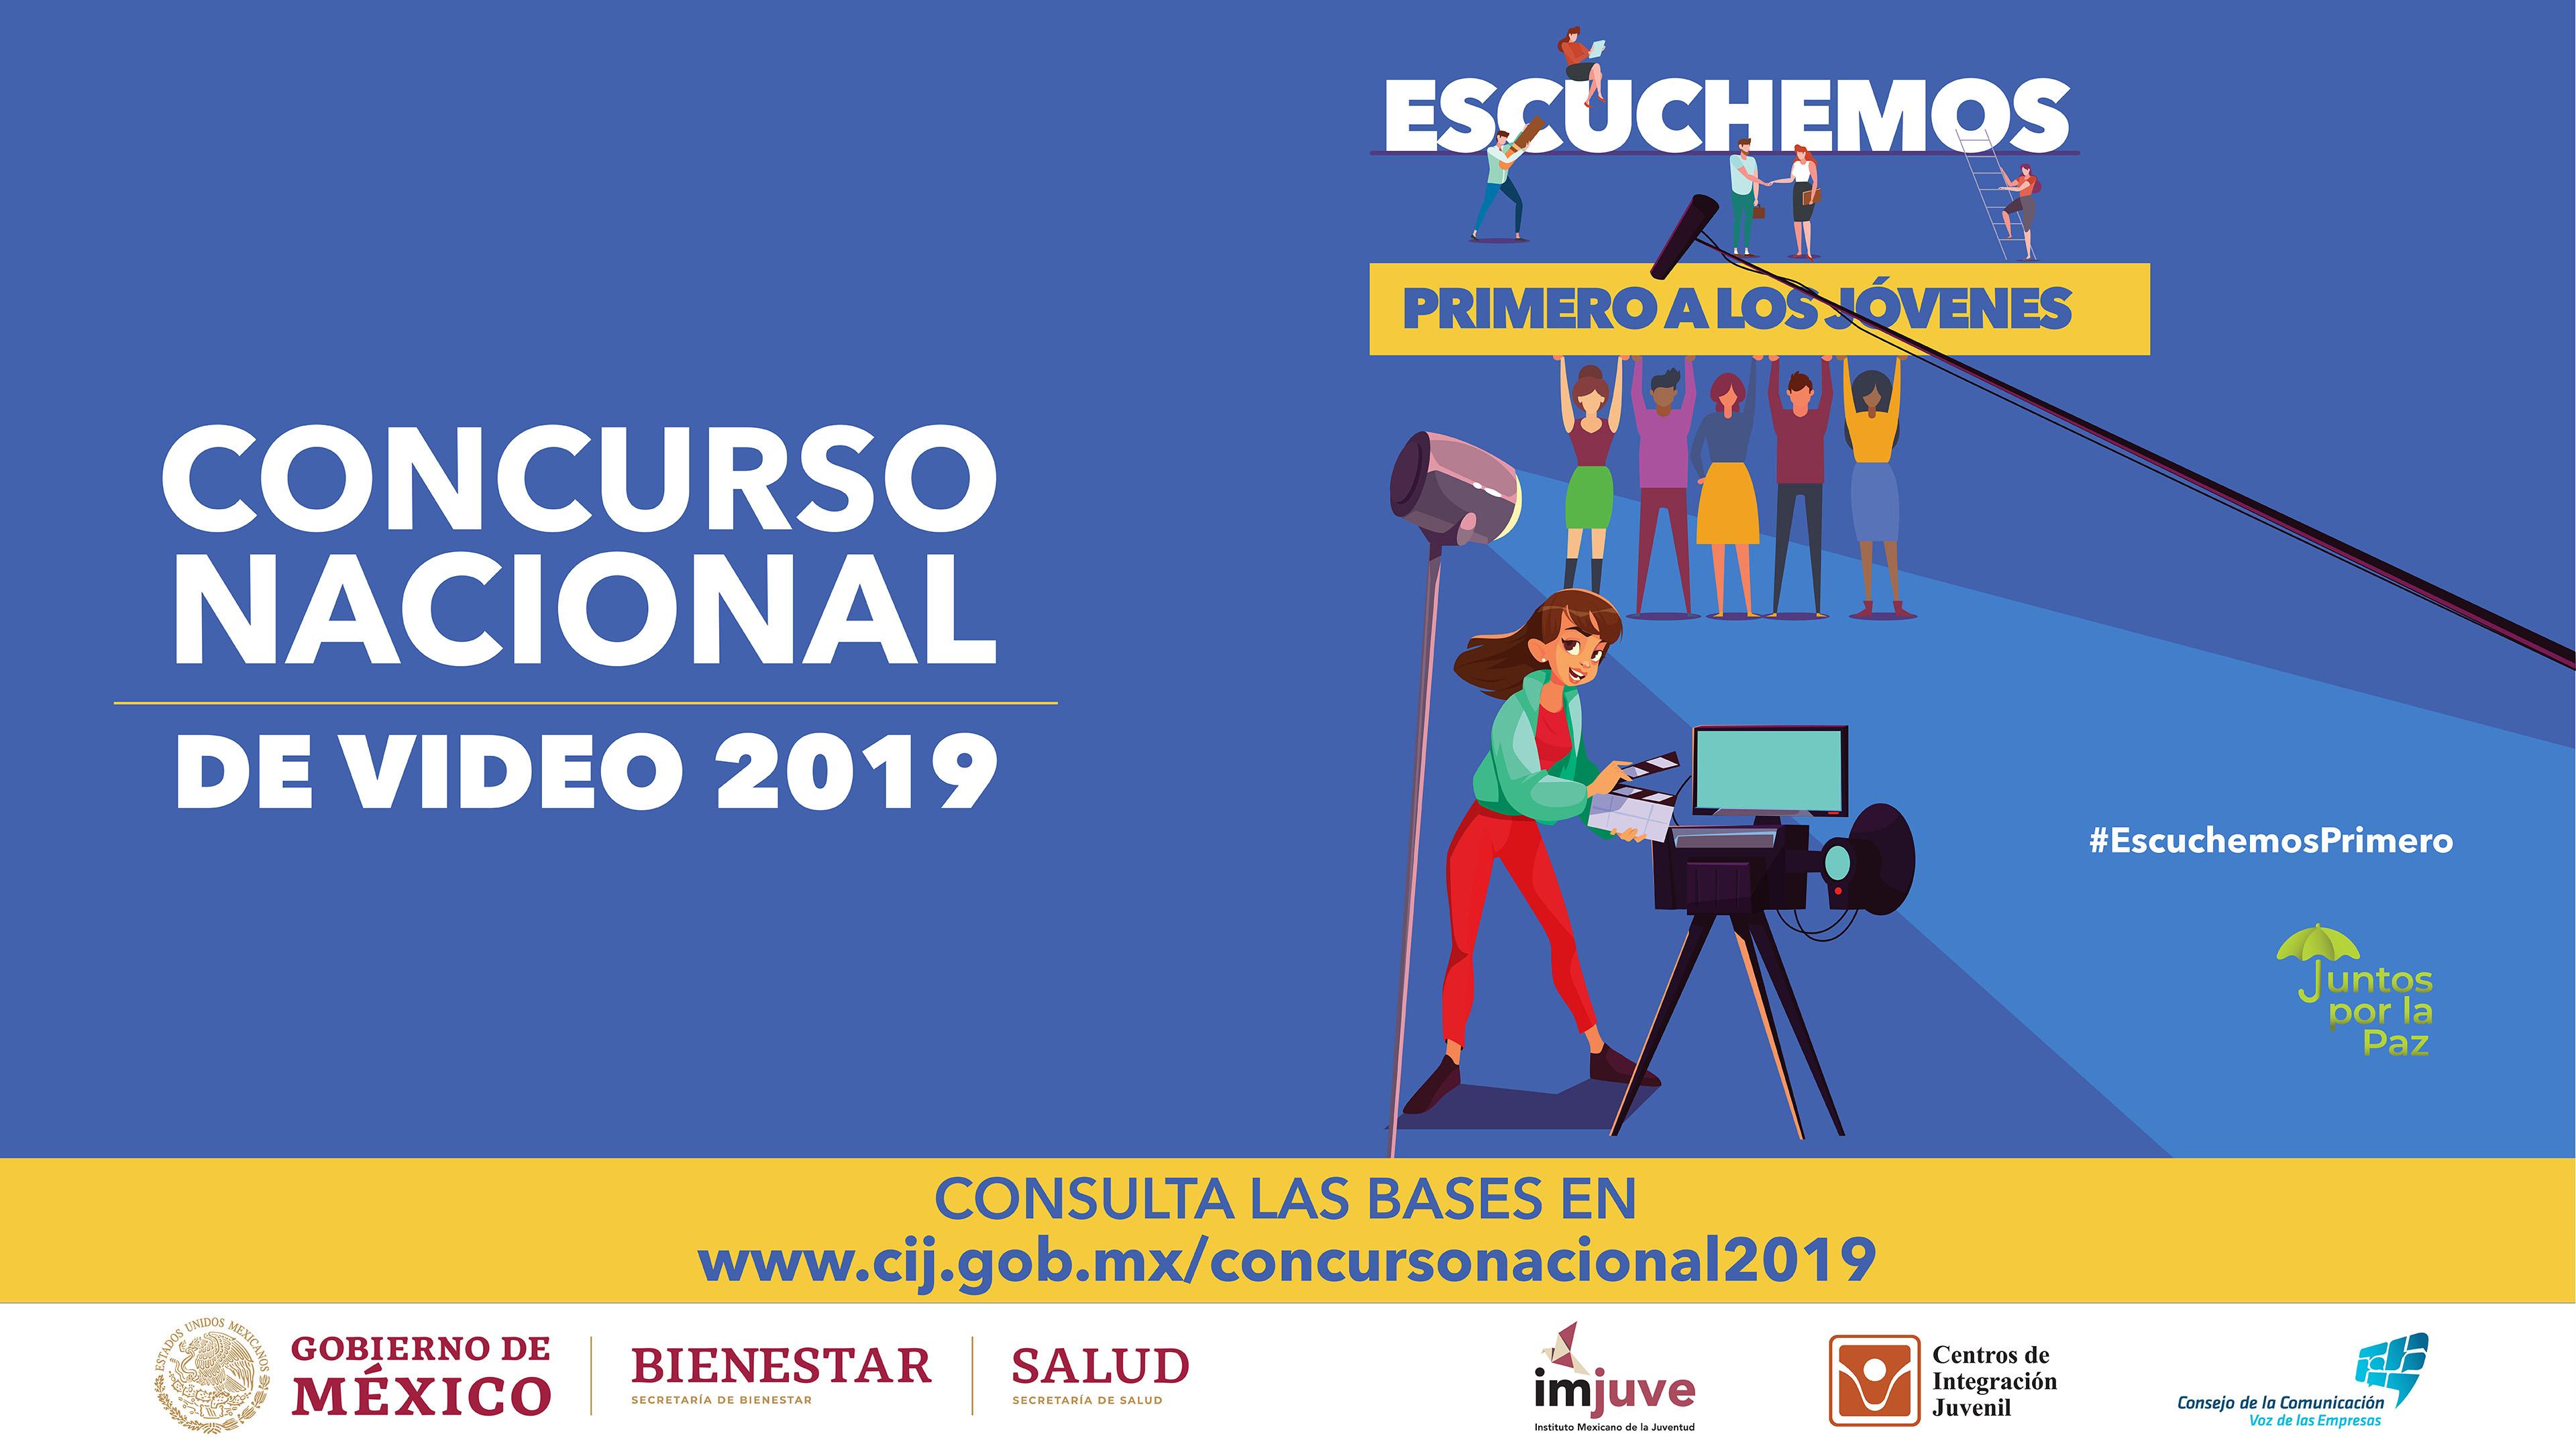 """Concurso Nacional de Video 2019 """"Escuchemos primero a los jóvenes"""""""